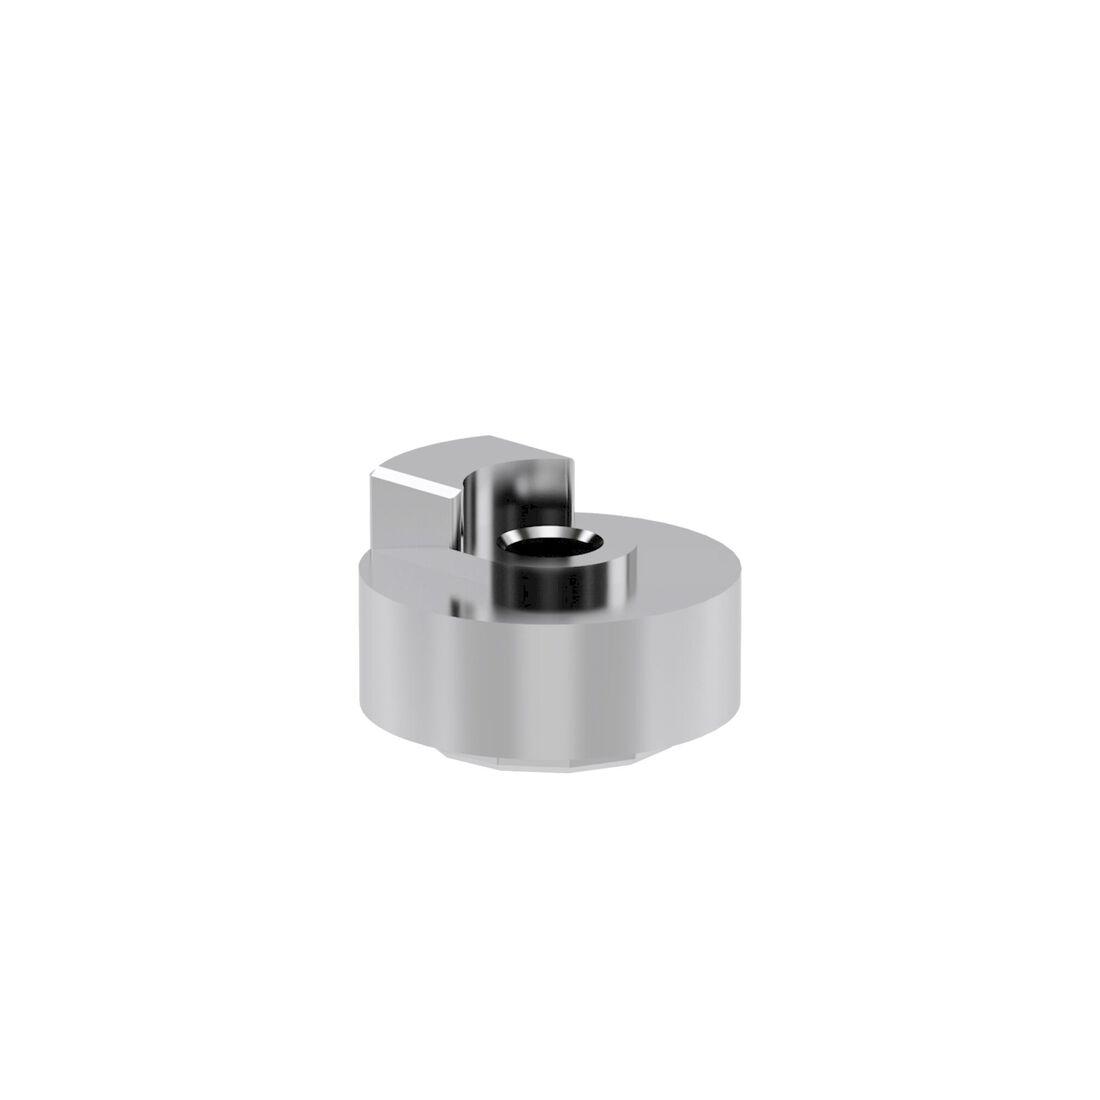 CYBEX Abstandshalter für Schnellspannachsen  8 mm in Silver - 8mm large Bild 1